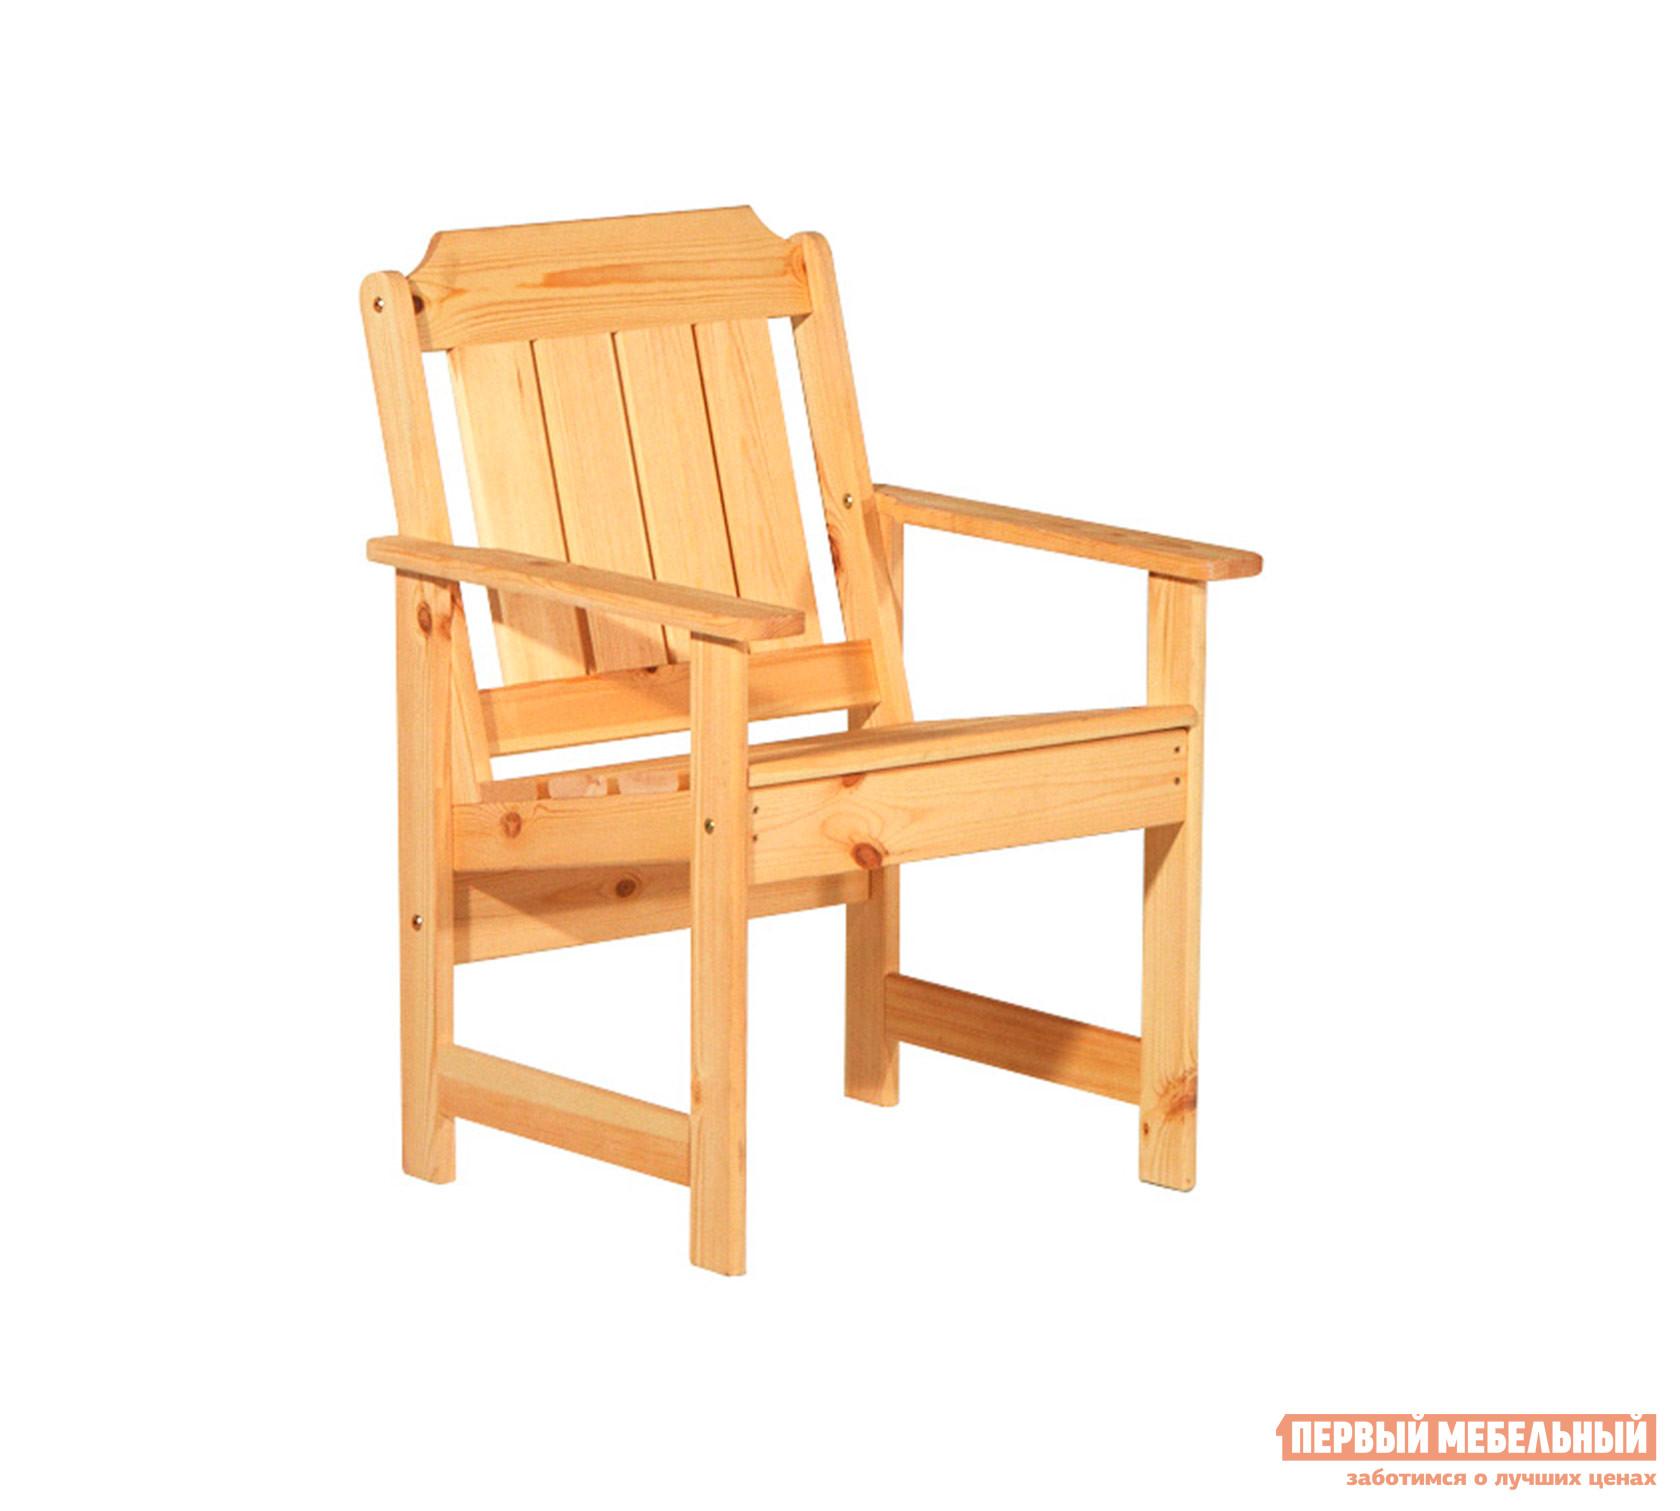 Дачное кресло Timberica Кресло Ярви Бесцветный лак от Купистол